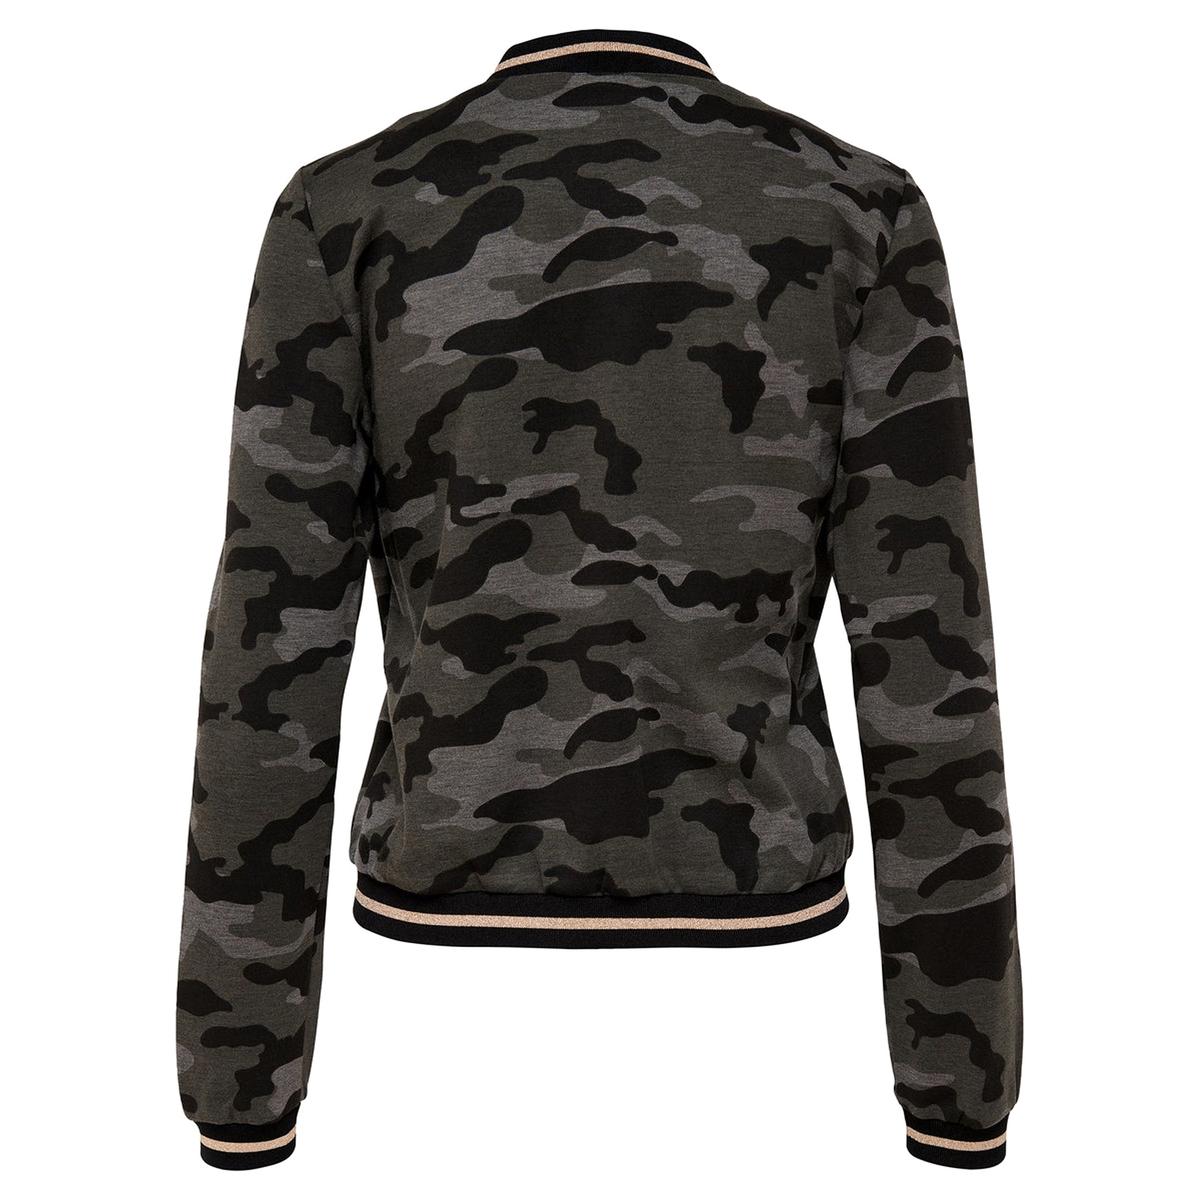 Куртка-бойфренд просторнаяДетали •  Просторная •  Покрой бойфренд, свободный •   V-образный вырезСостав и уход •  63% вискозы, 5% эластана, 32% полиамида •  Следуйте советам по уходу, указанным на этикетке<br><br>Цвет: камуфляж<br>Размер: L